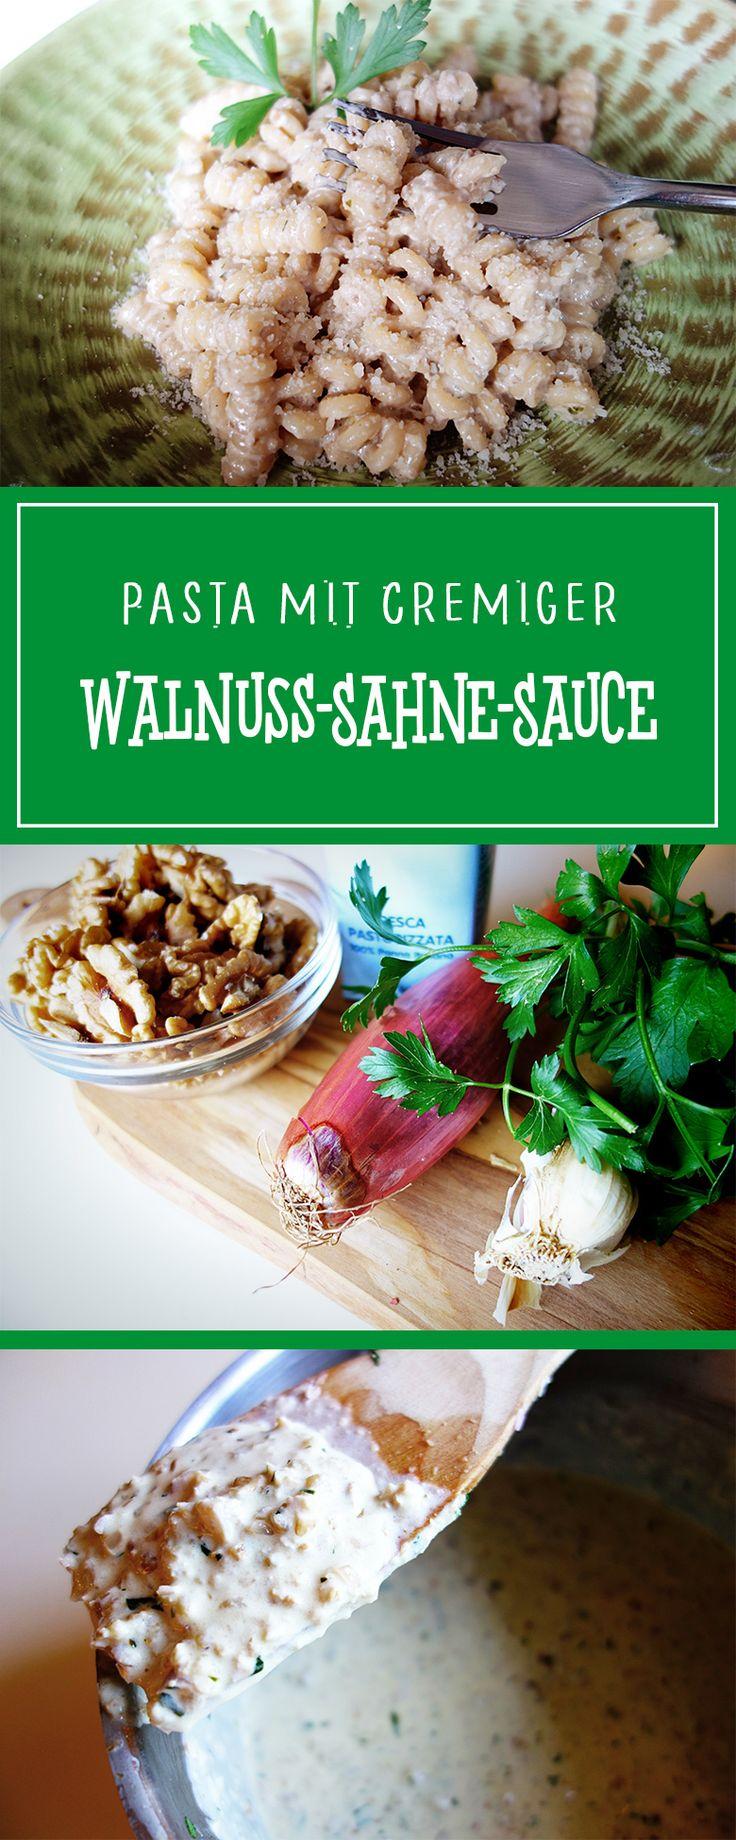 Pasta mit cremiger Walnuss-Sahne-Sauce - ein herrlich cremig-nussiges und vor allem einfaches Rezept für eine schnelle, glutenfreie und vegetarische Pasta!  | cucina-con-amore.de